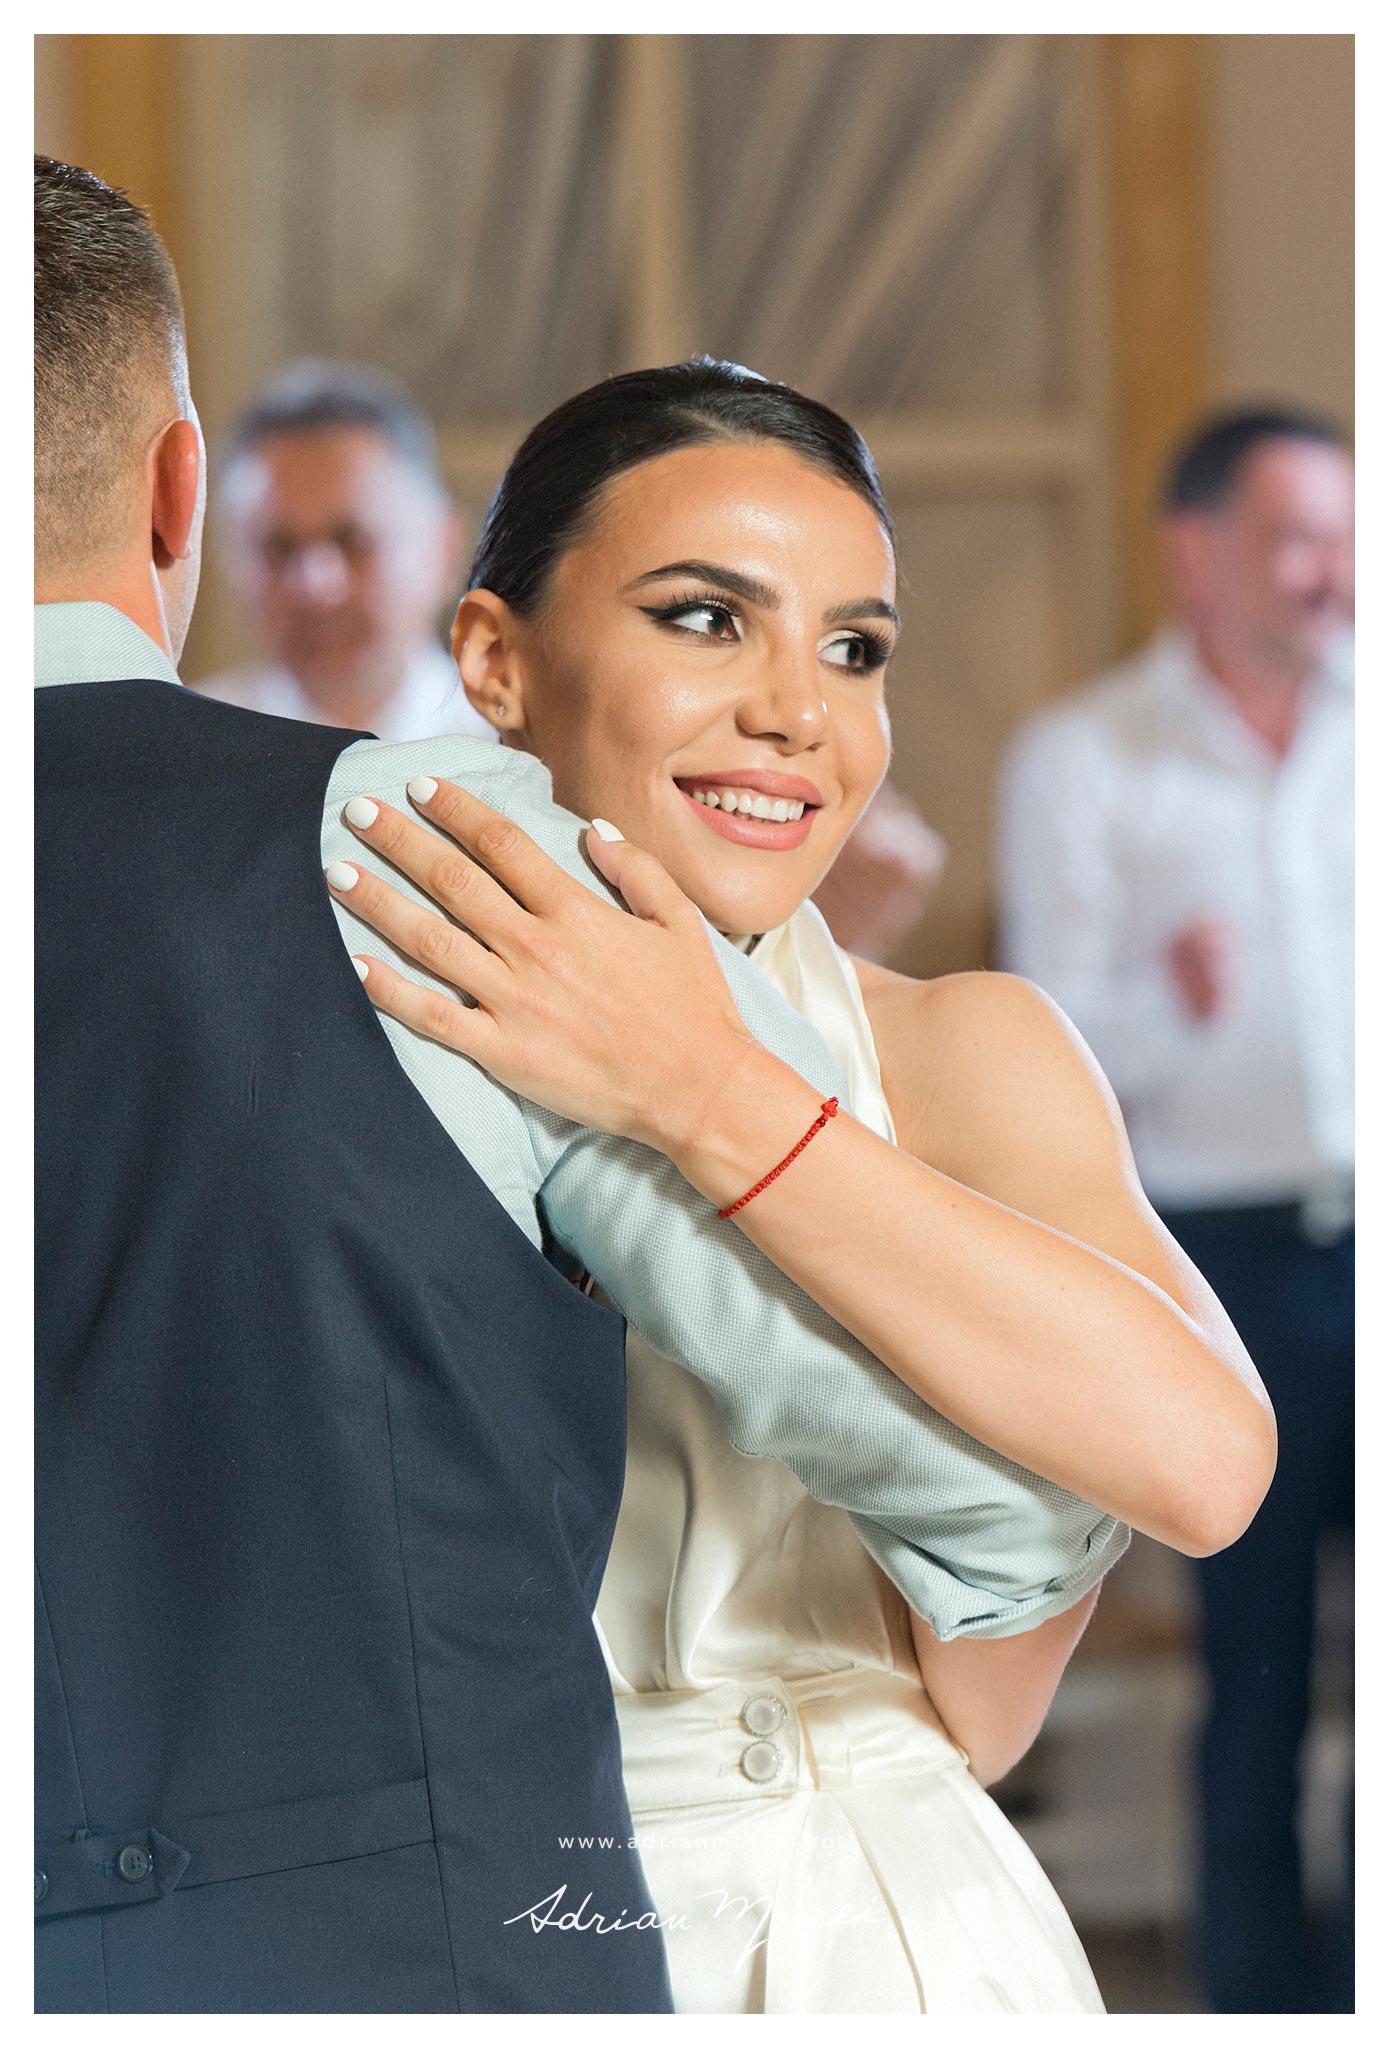 Cuplu dansand fotografie de Adrian Moisei, fotograf videograf Iasi